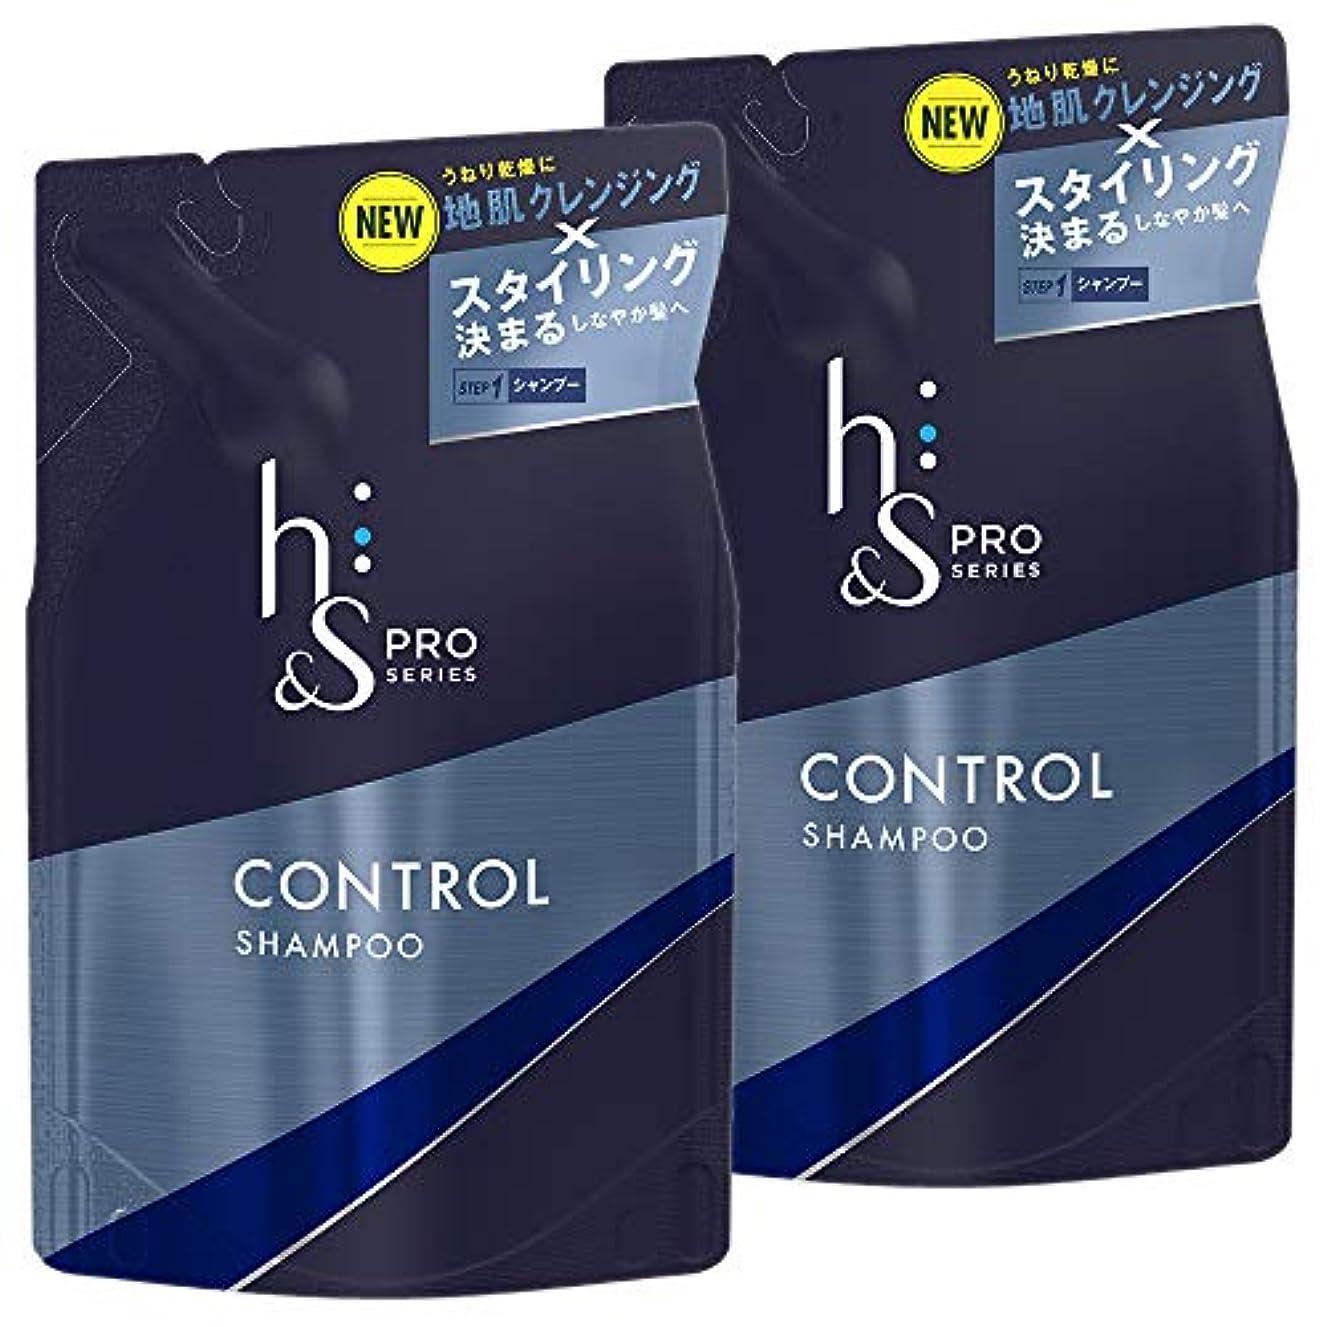 ルアー経度ライラック【まとめ買い】 h&s for men シャンプー PRO Series コントロール 詰め替え 300mL×2個